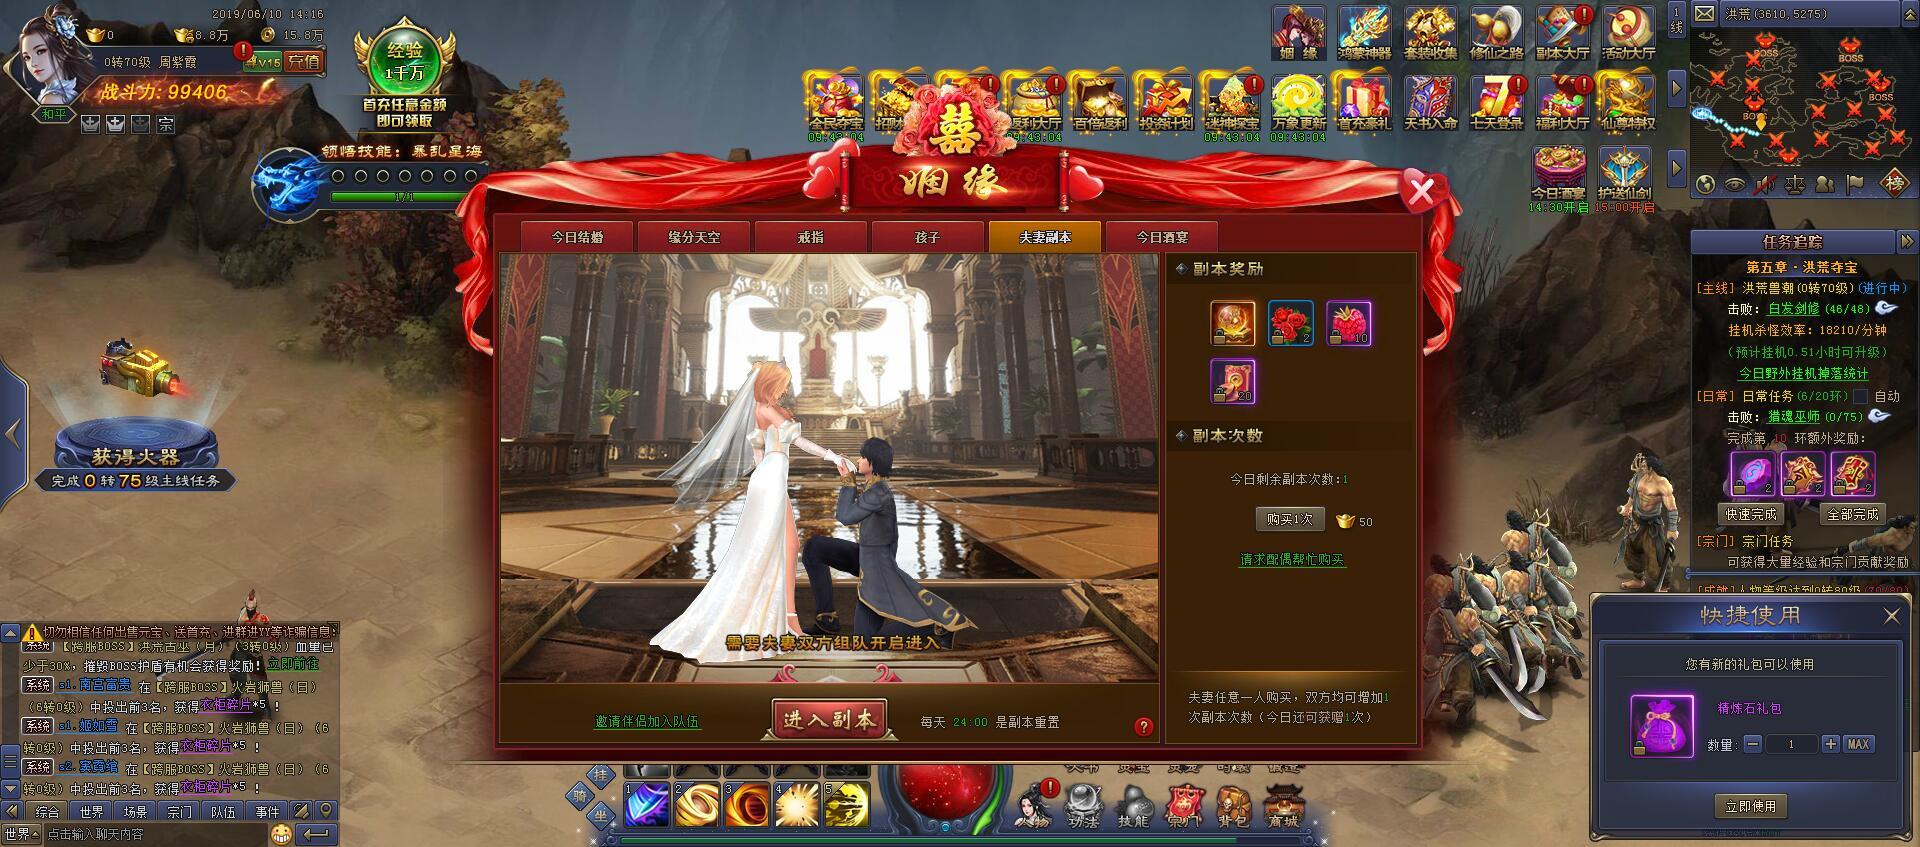 傲剑苍穹游戏截图4